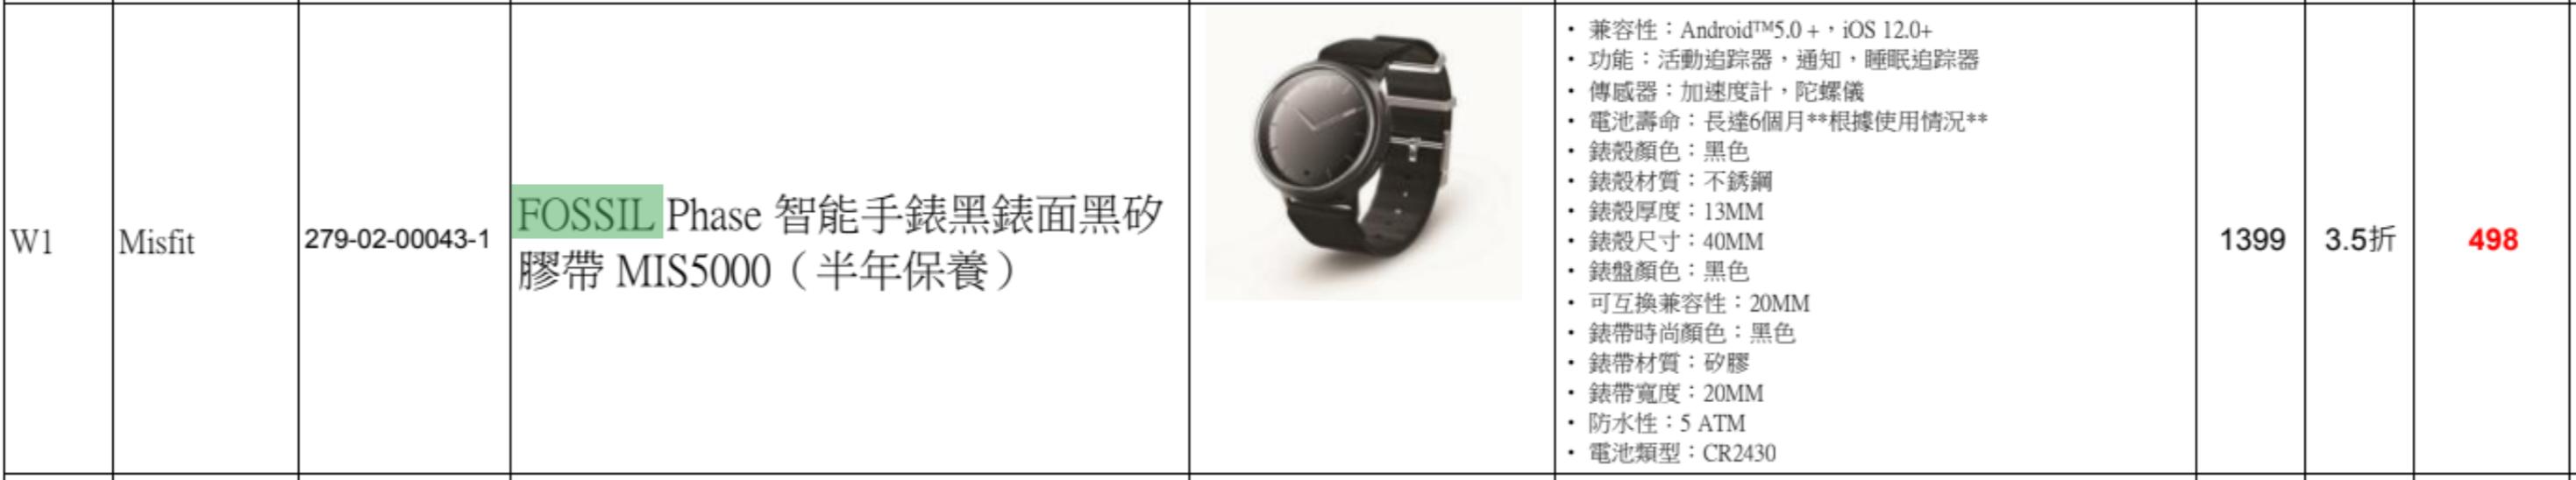 35 折入手 Fossil 智能手錶!呢個價網友必 Buy?